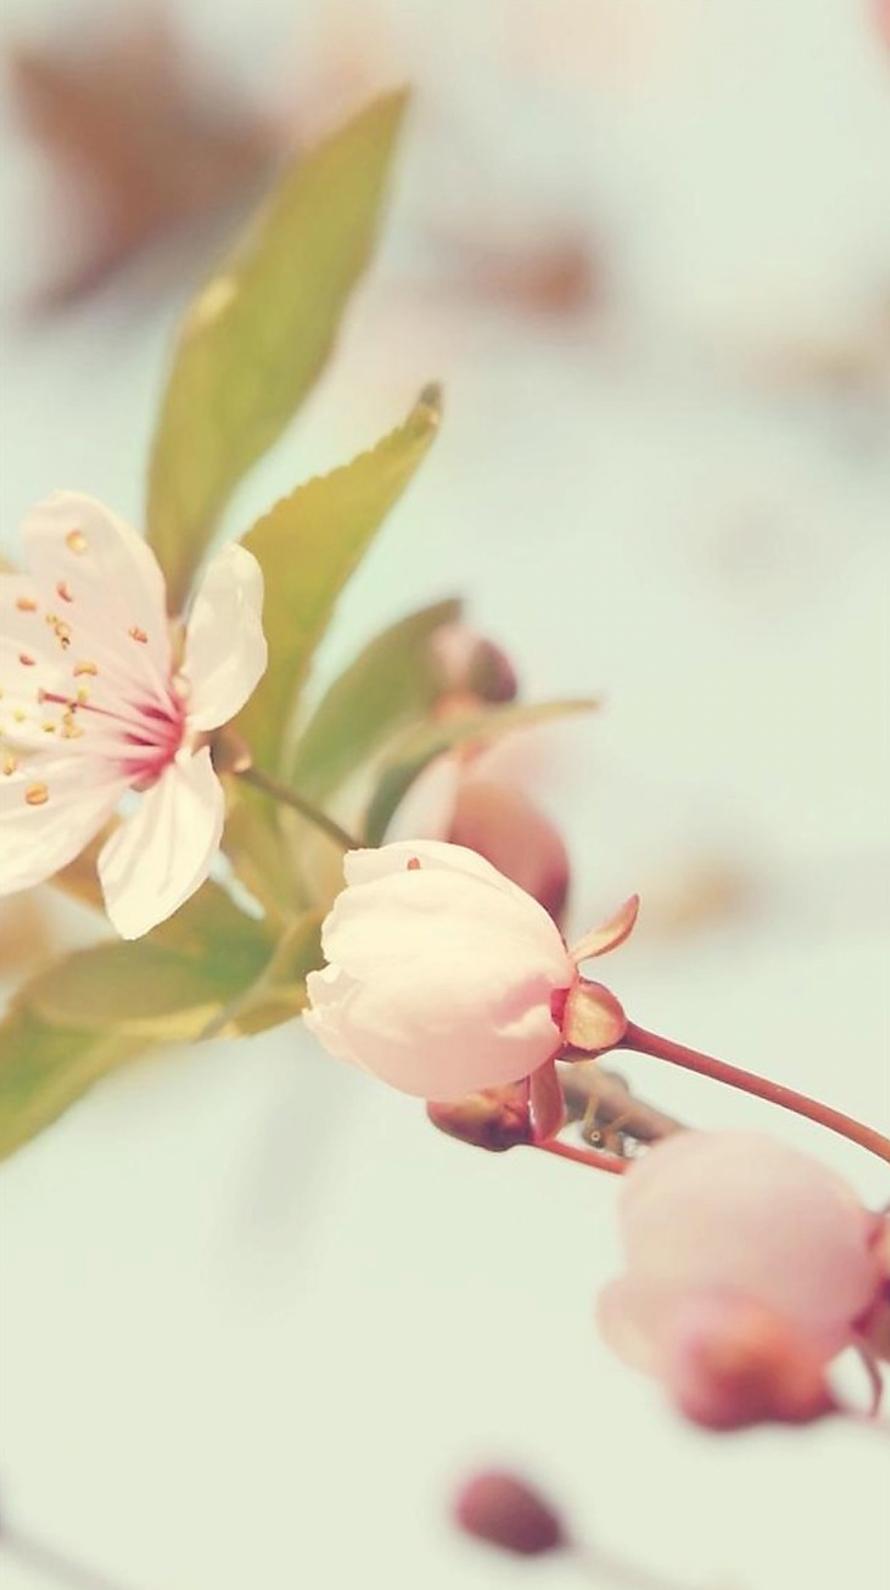 かわいい桜の花 iPhone6壁紙